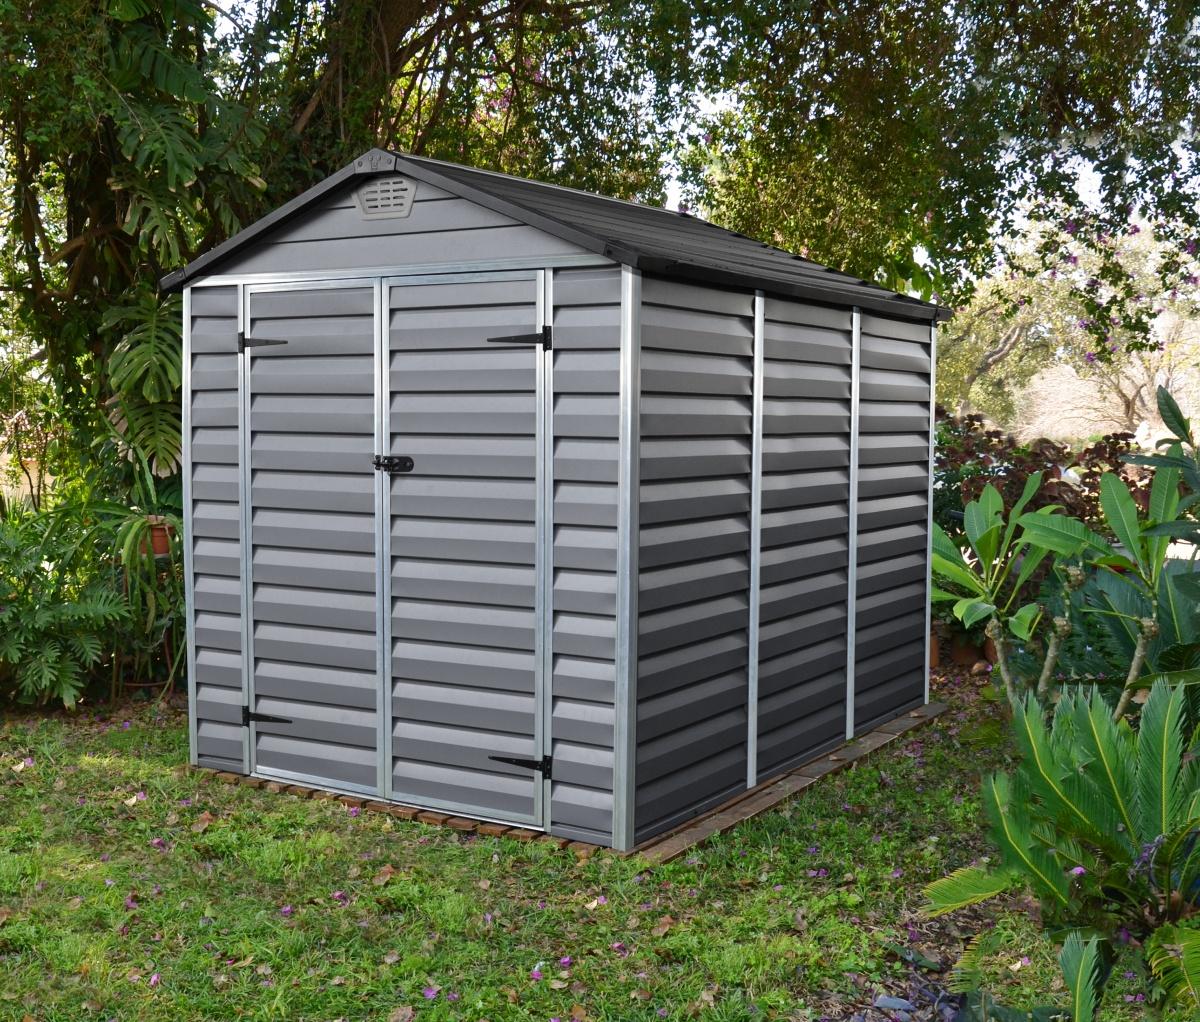 PALRAM SKYLIGHT 6 x 8 ŠEDÝ - zahradní domek